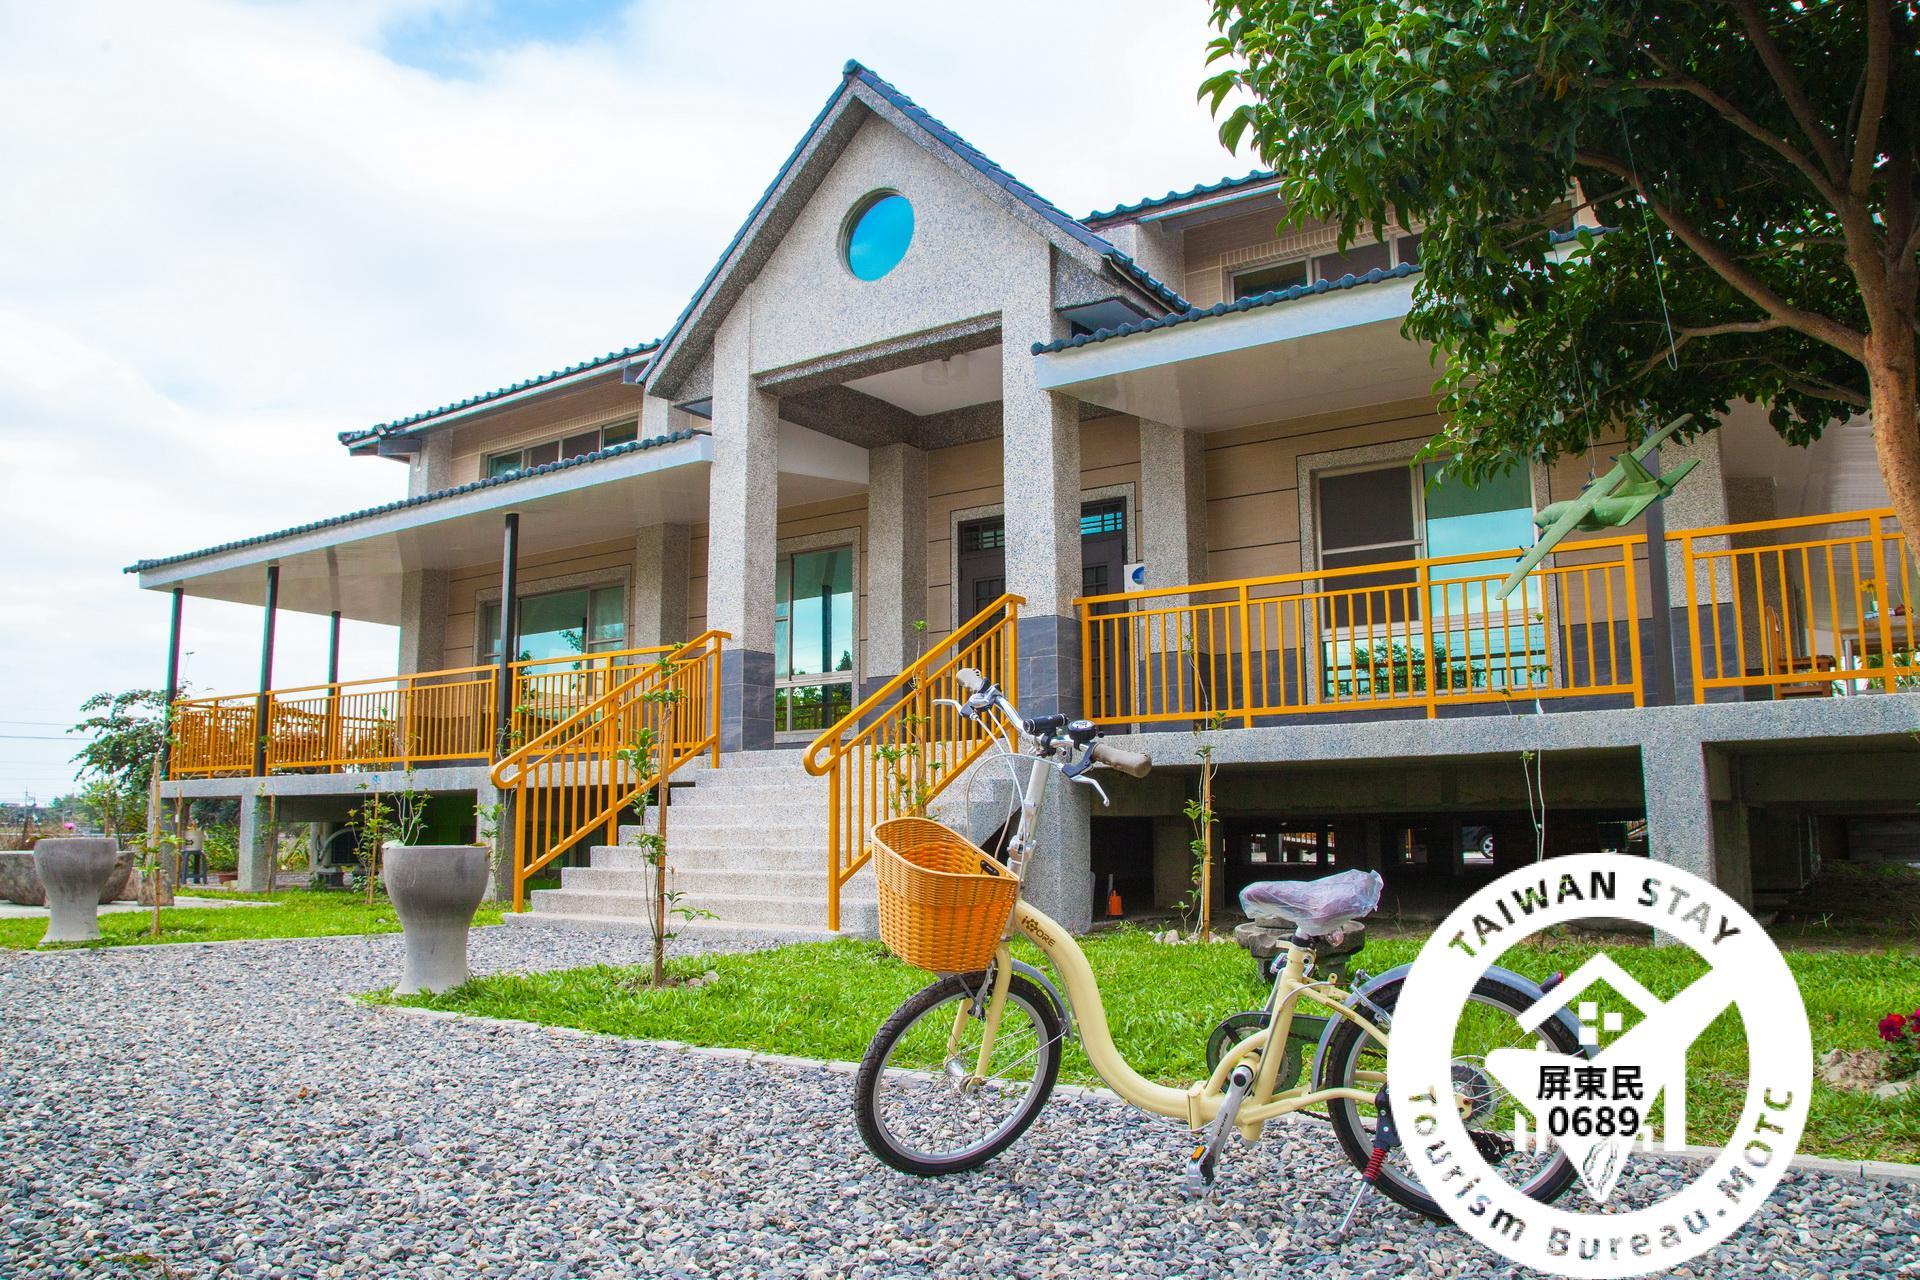 騎著自行車去逛逛吧!「屏東的家」亦提供自行車,閒暇之餘可至單車國道悠活運動喔!